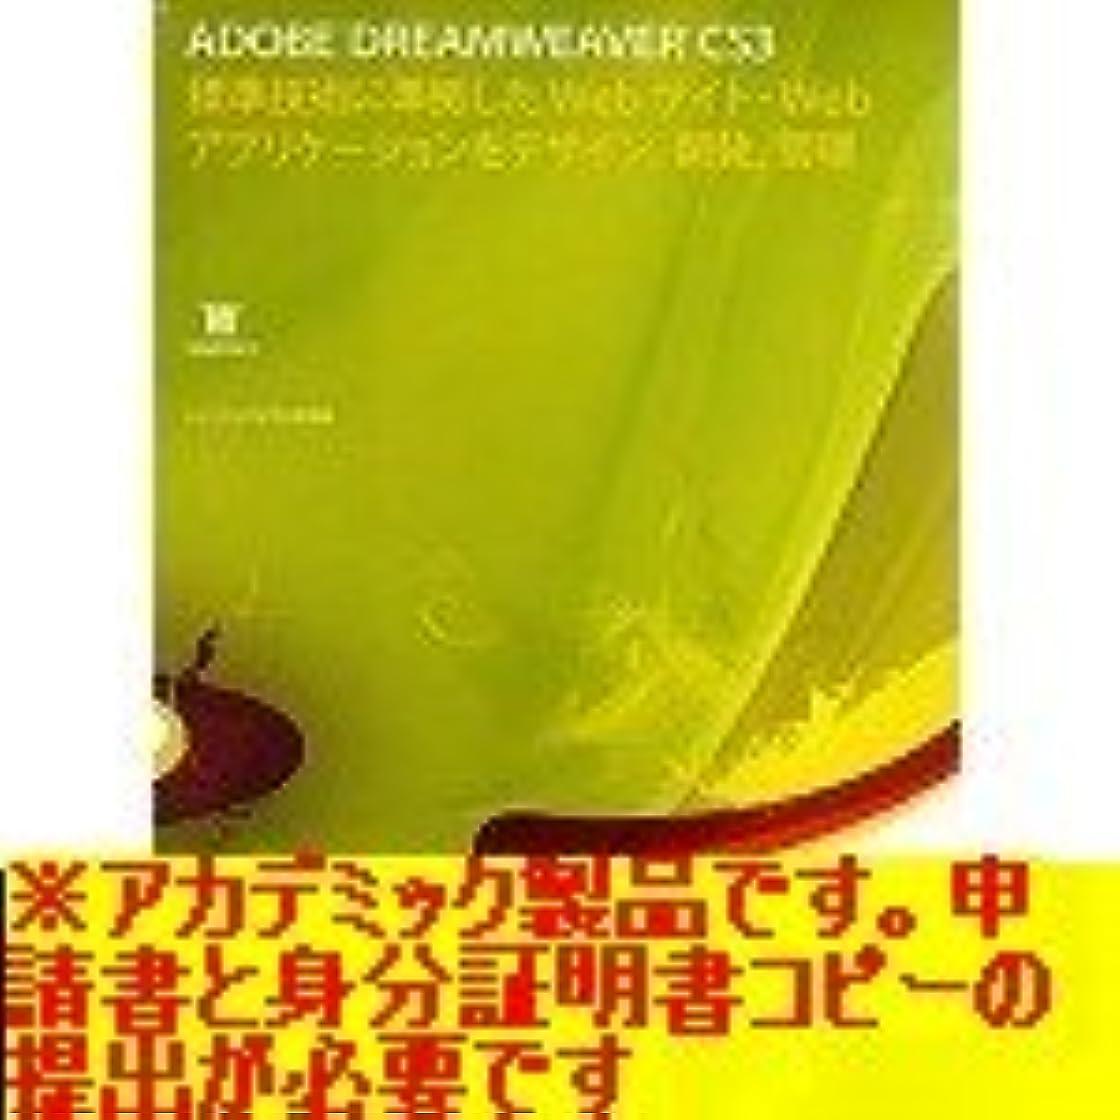 租界肥沃なヘッジ【Win版】Adobe Dreamweaver CS3.0 (V9.0) 日本語版 Windows版 アカデミック(学生?教職員向け)